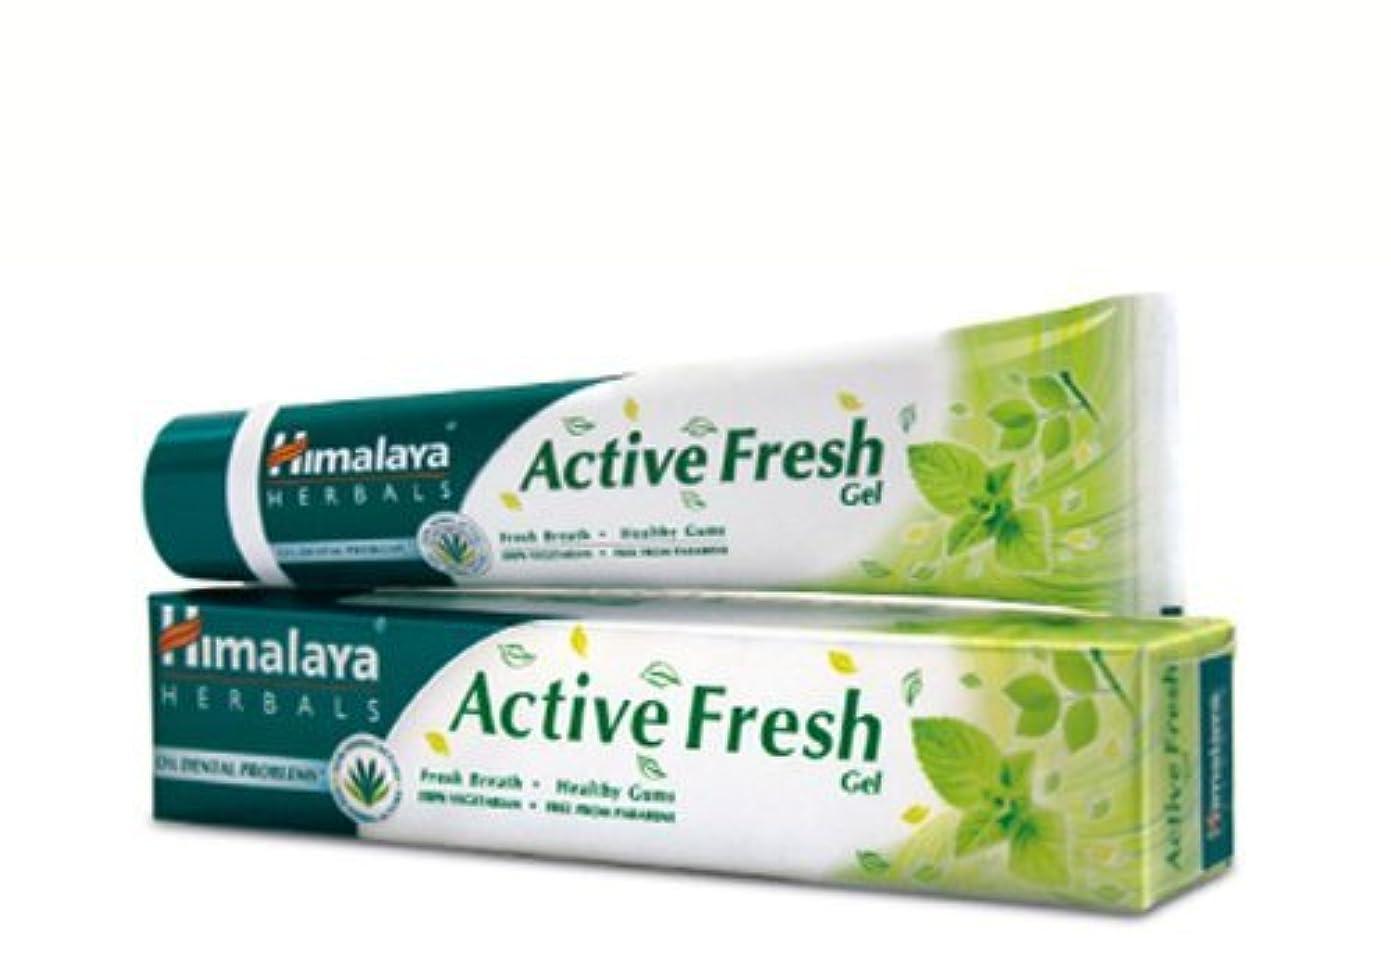 けん引相反する孤独ヒマラヤ トゥースペイスト アクティブ フレッシュ(歯磨き粉)80g Himalaya Active Fresh Toothpaste